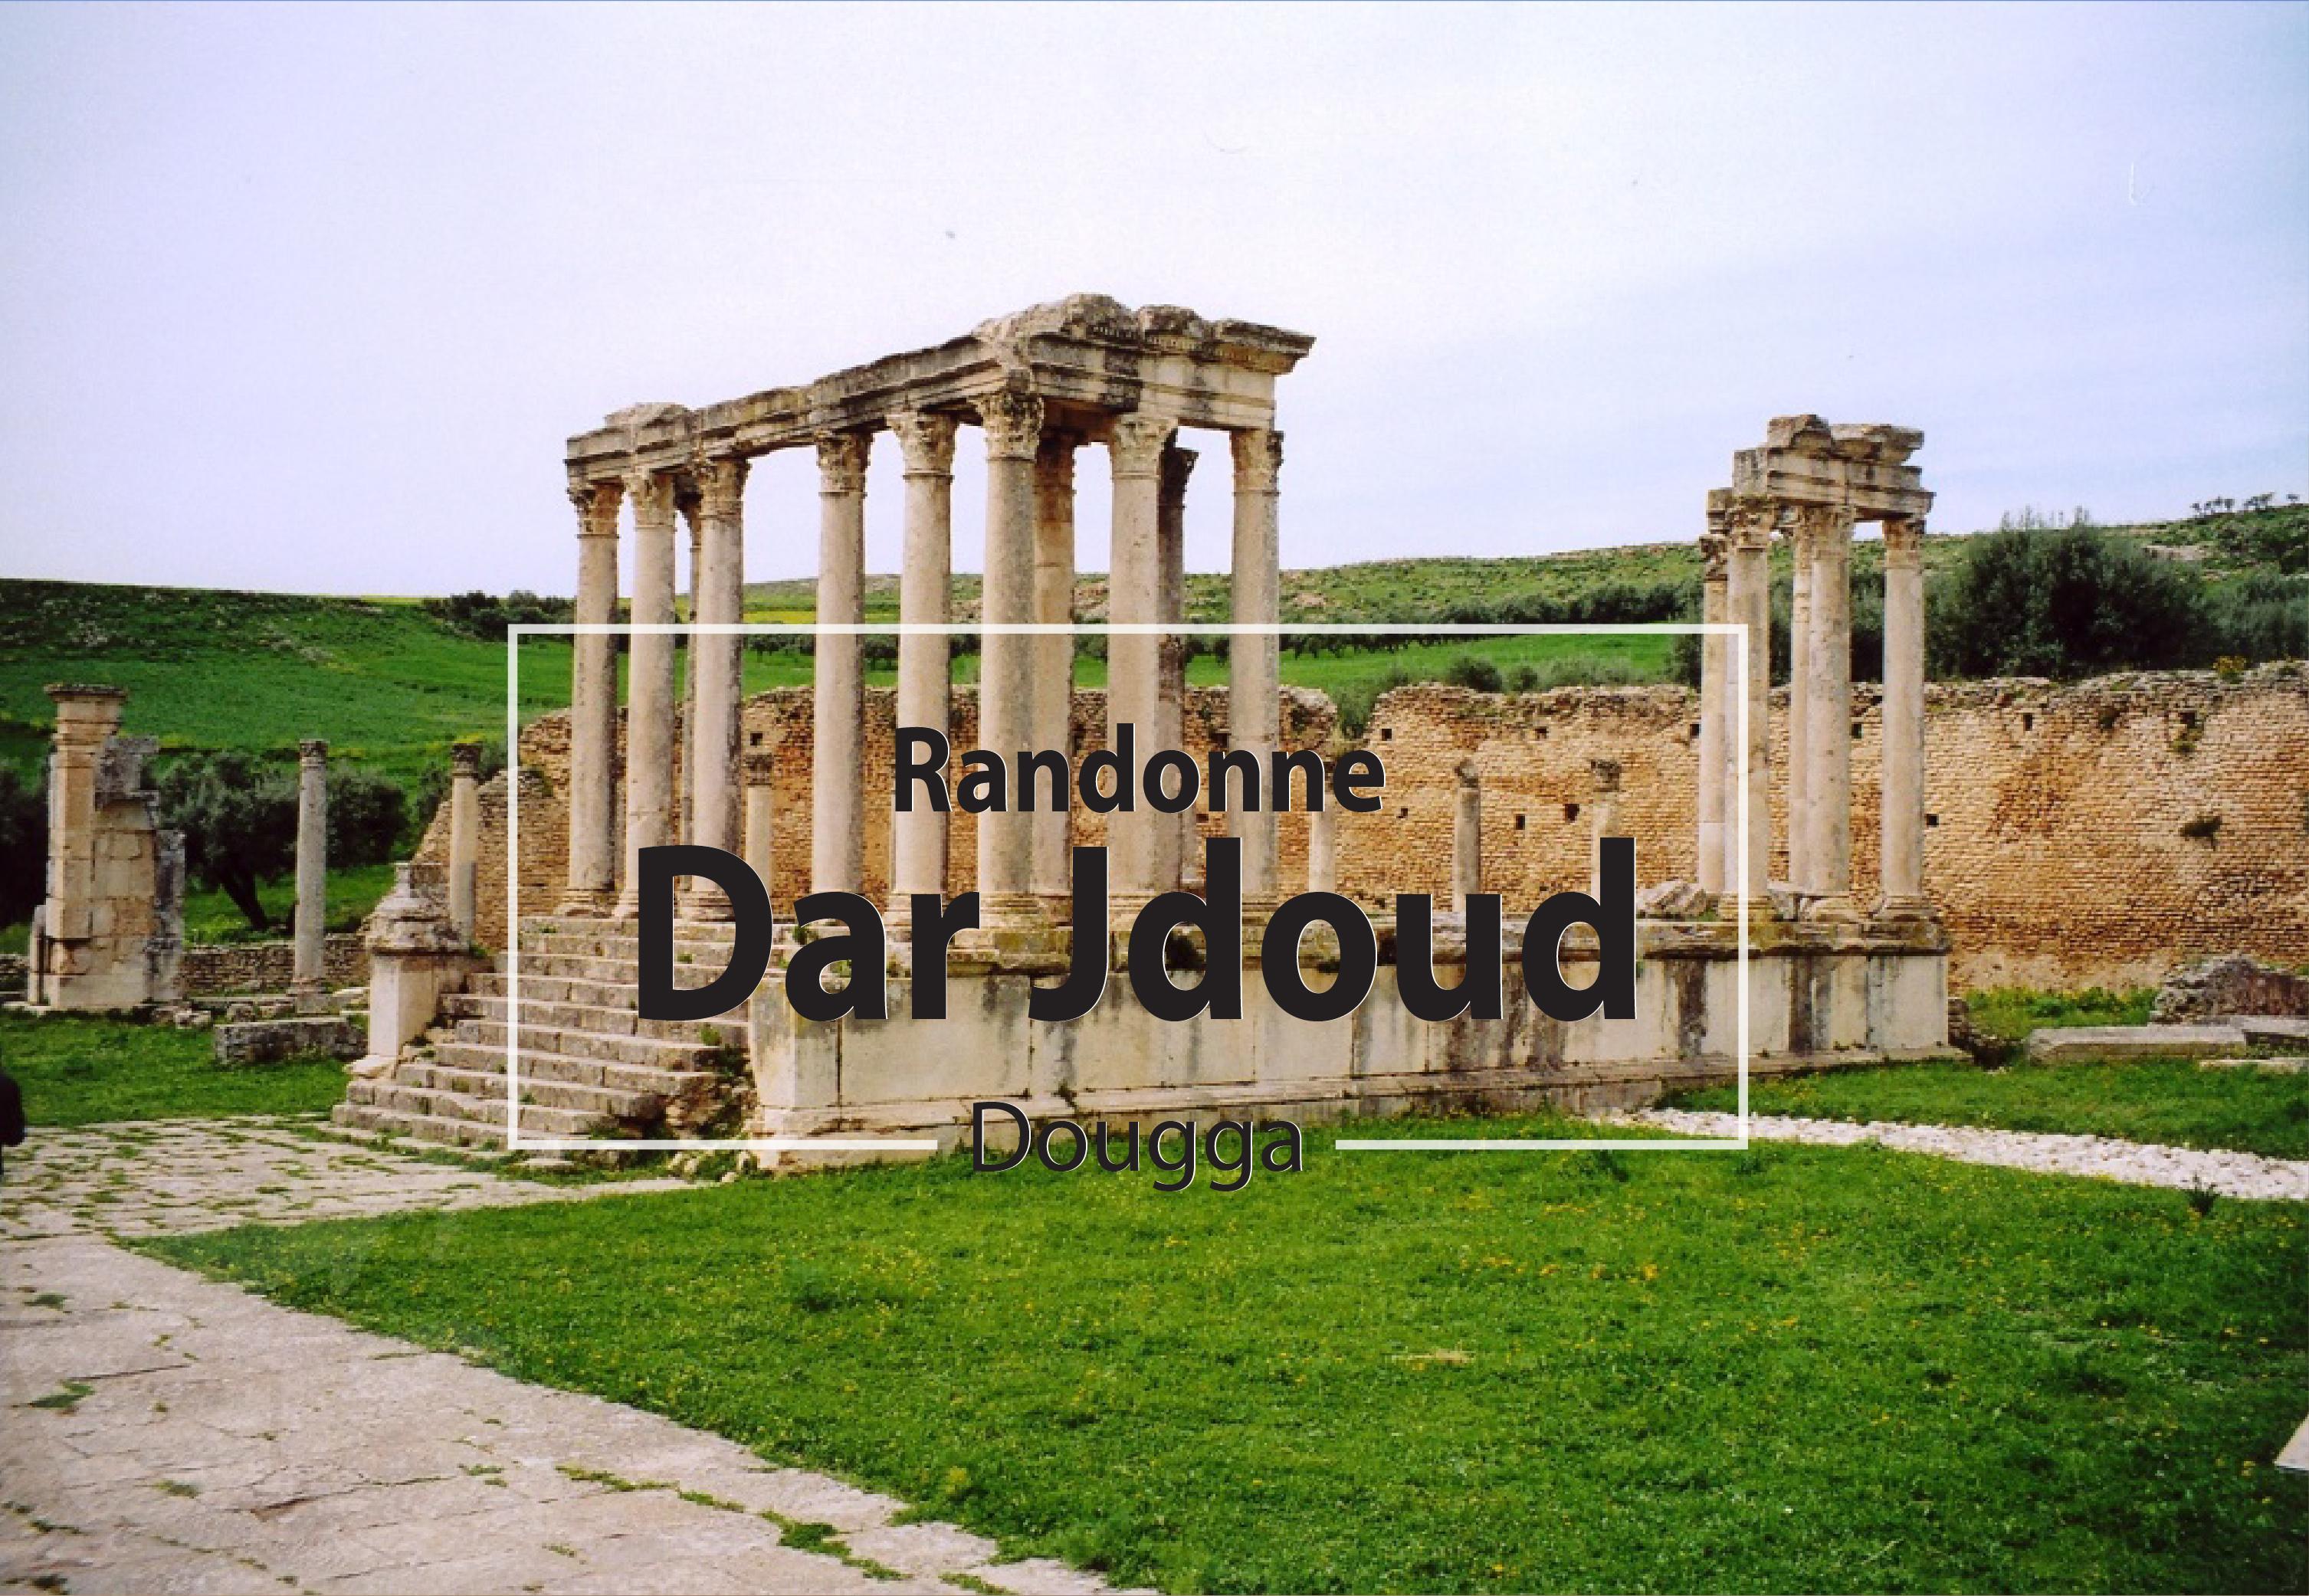 """Randonne """"Dar jdoud dougga"""""""